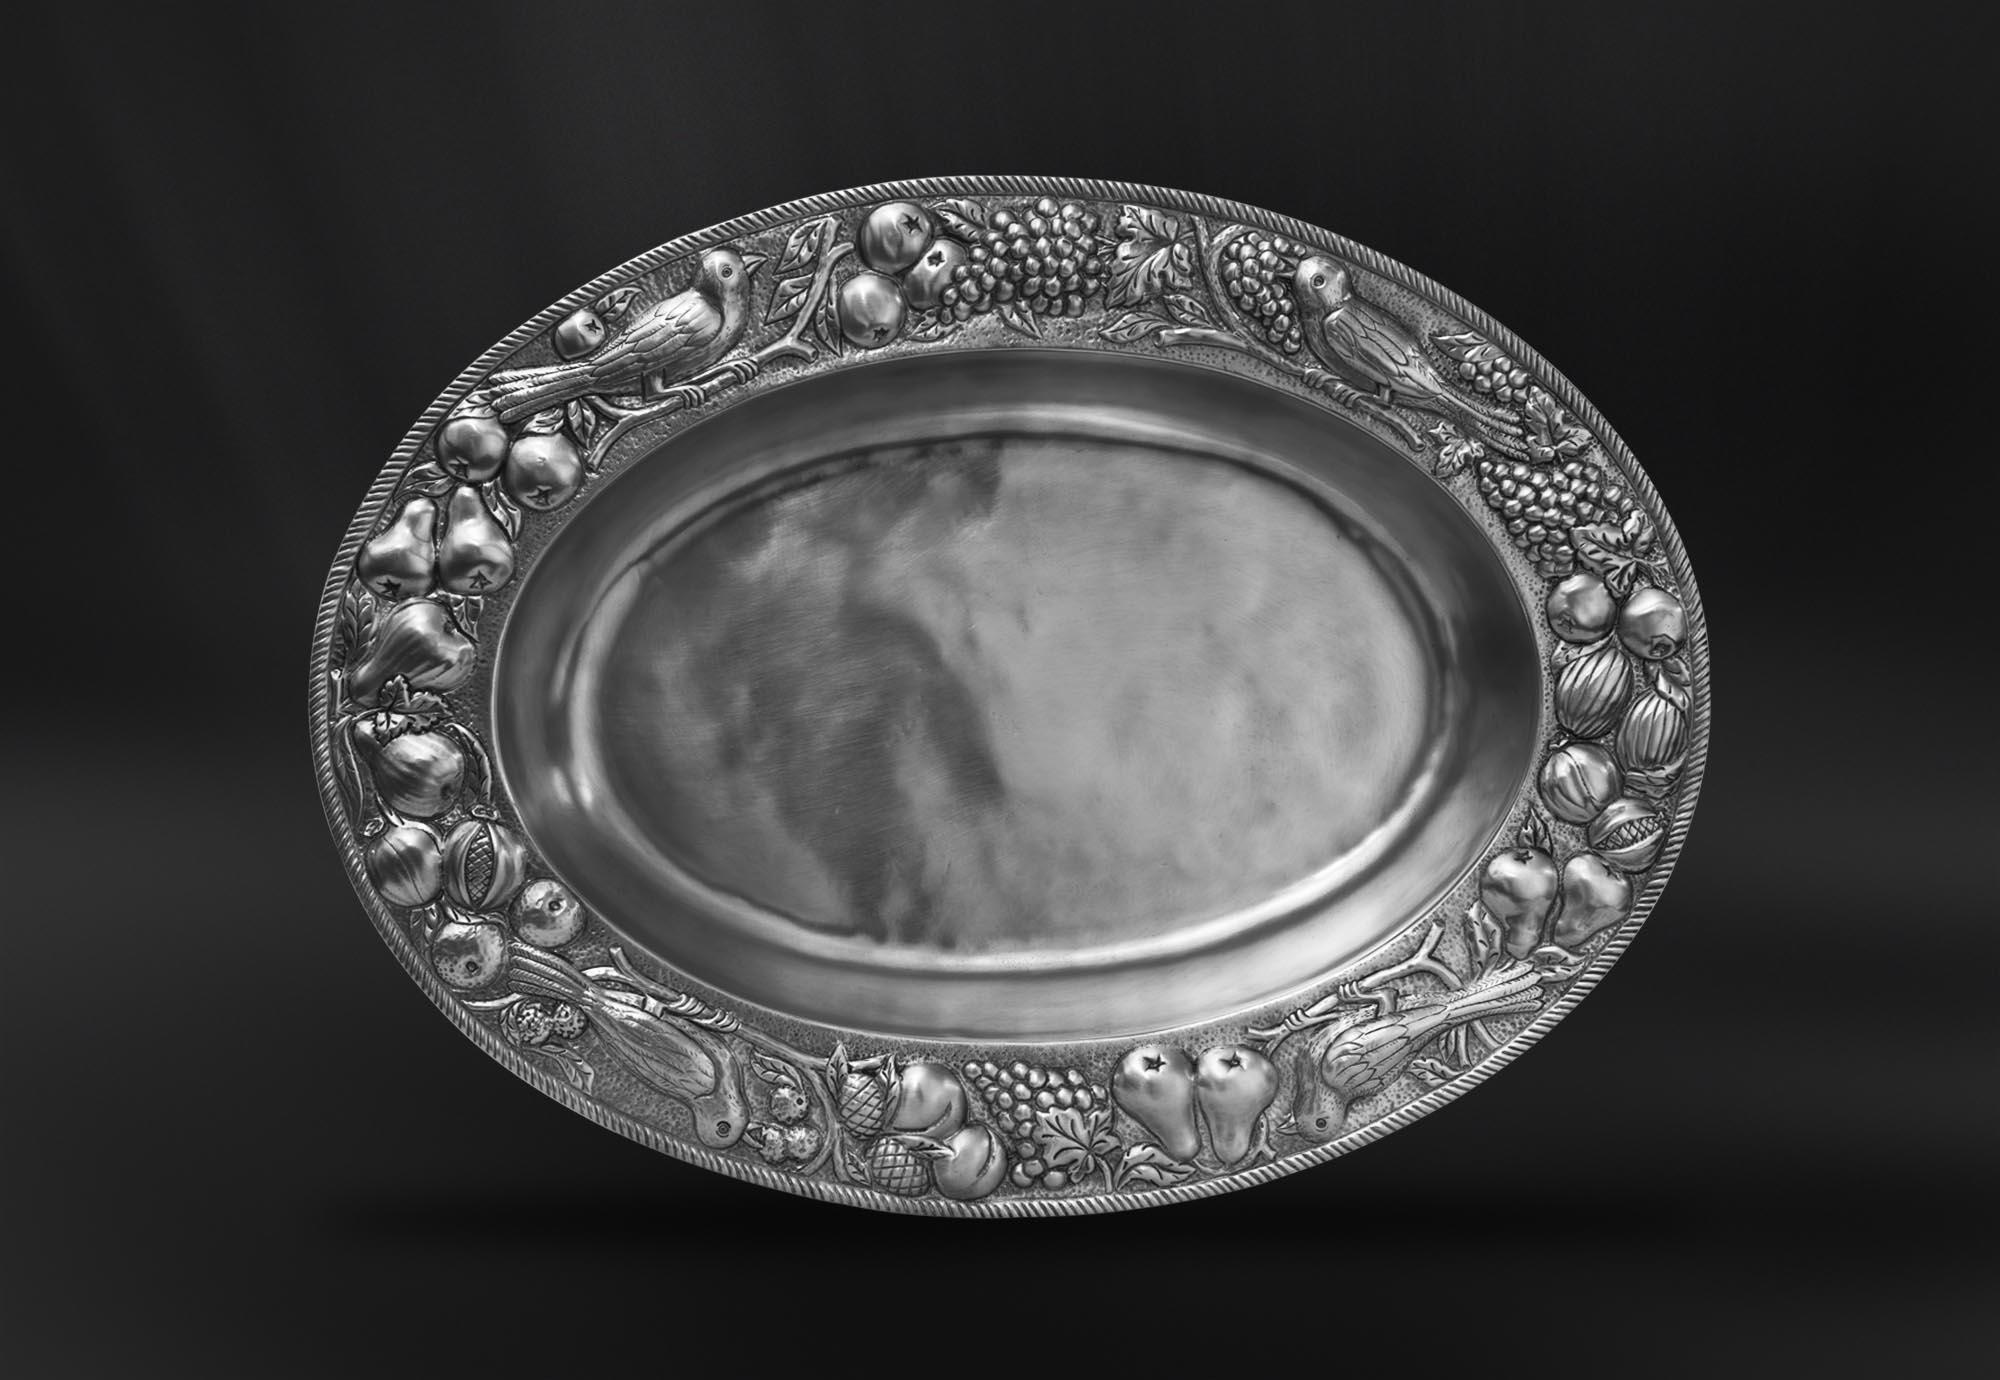 PLAT CREUX etain antique